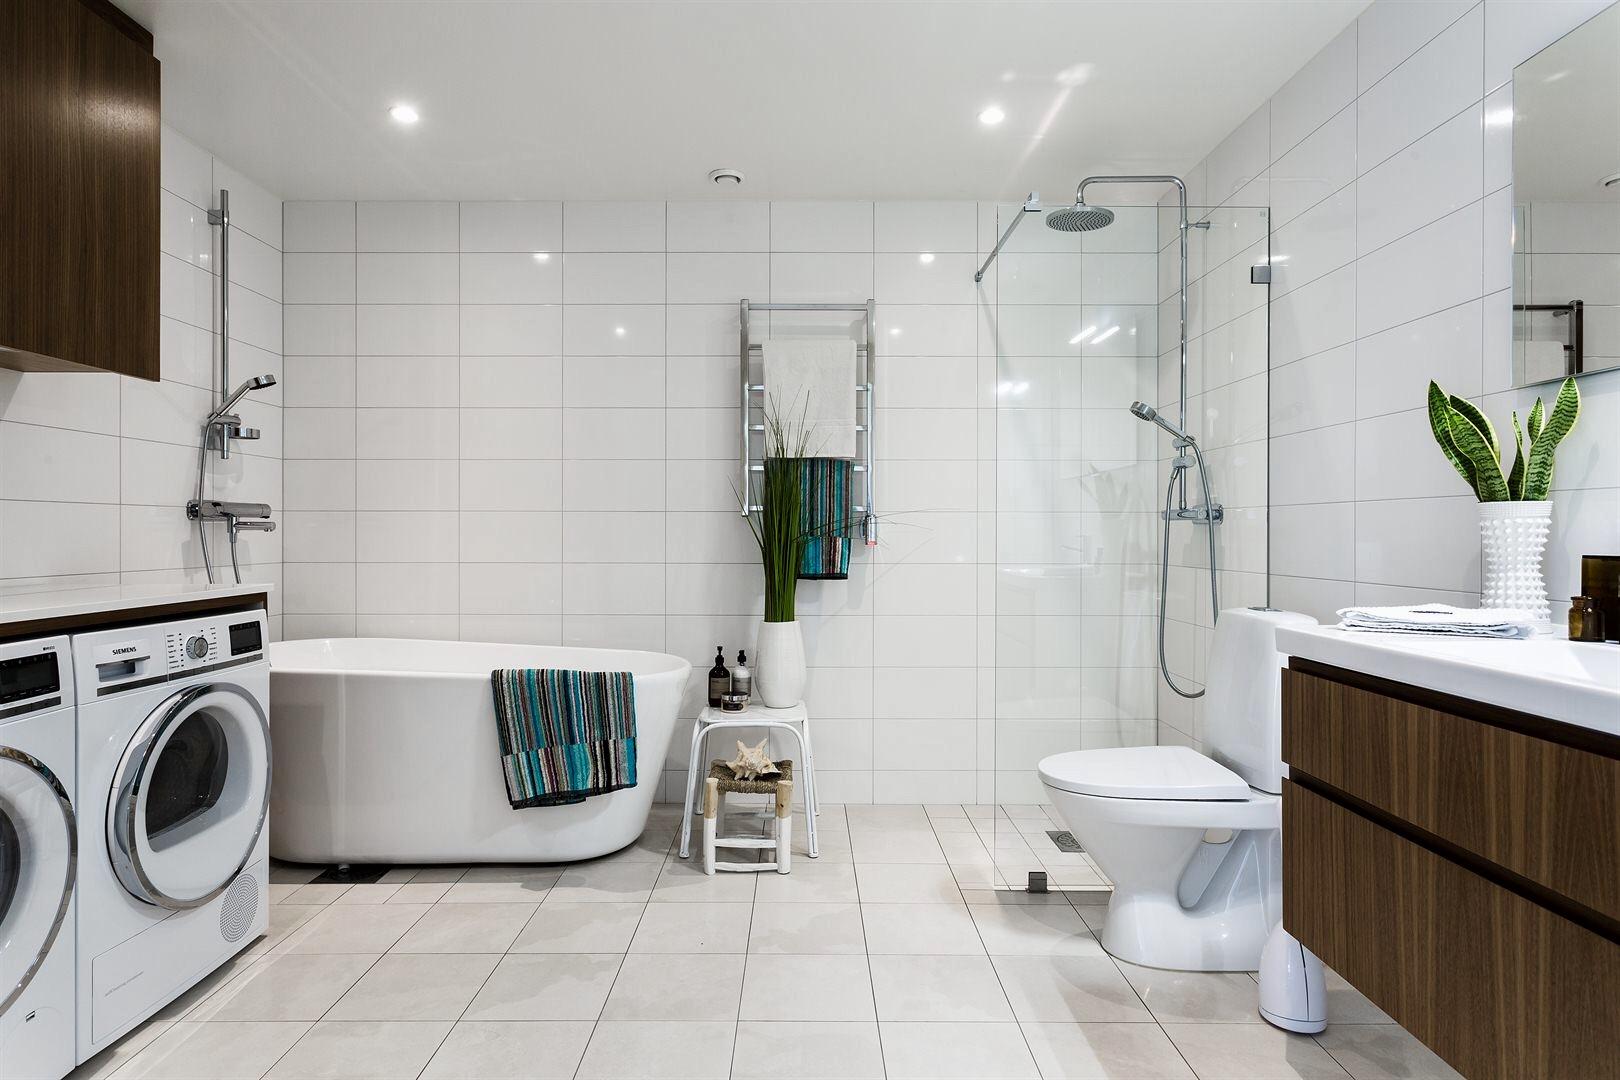 ванная комната санузел полотенцесушитель ванна душевая кабина трап раковина комод зеркало столешница стиральная сушильная машина